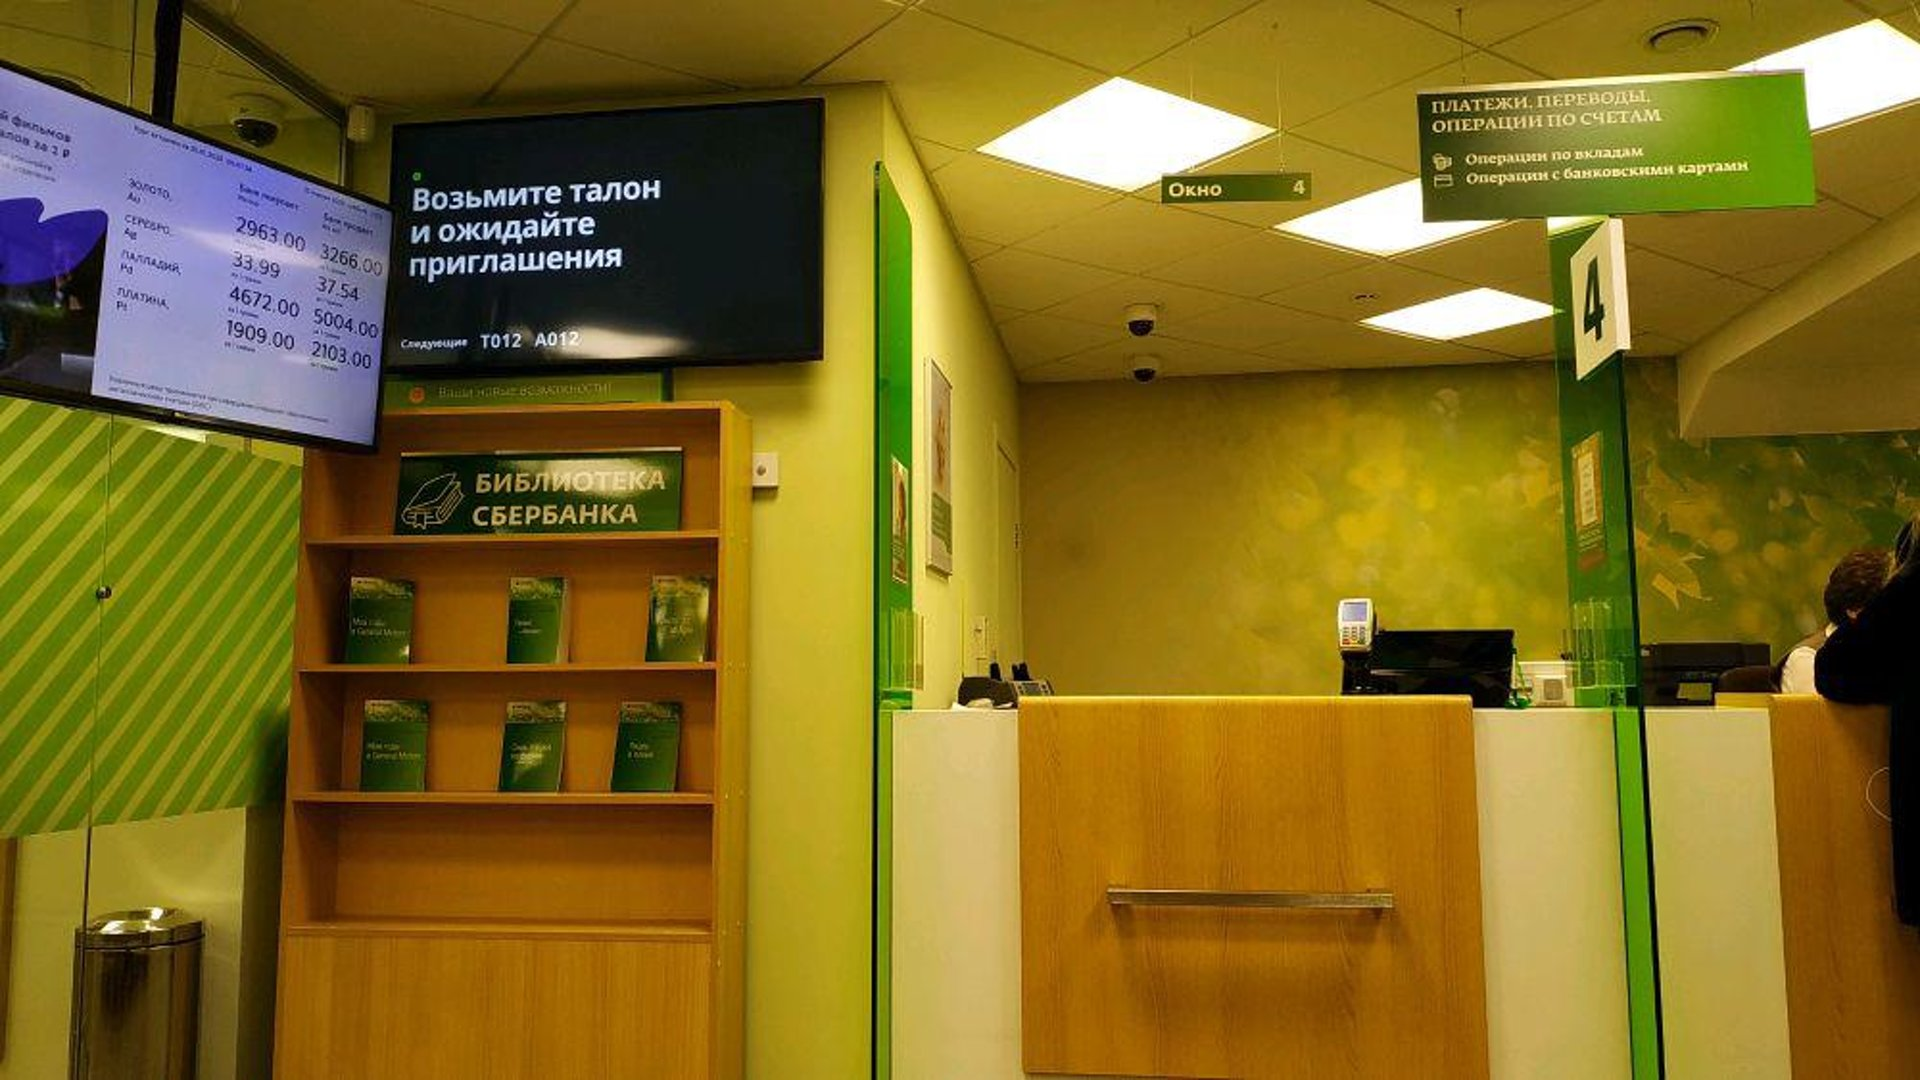 сбербанк новосибирск центральный офис адрес сообщение на тему корень